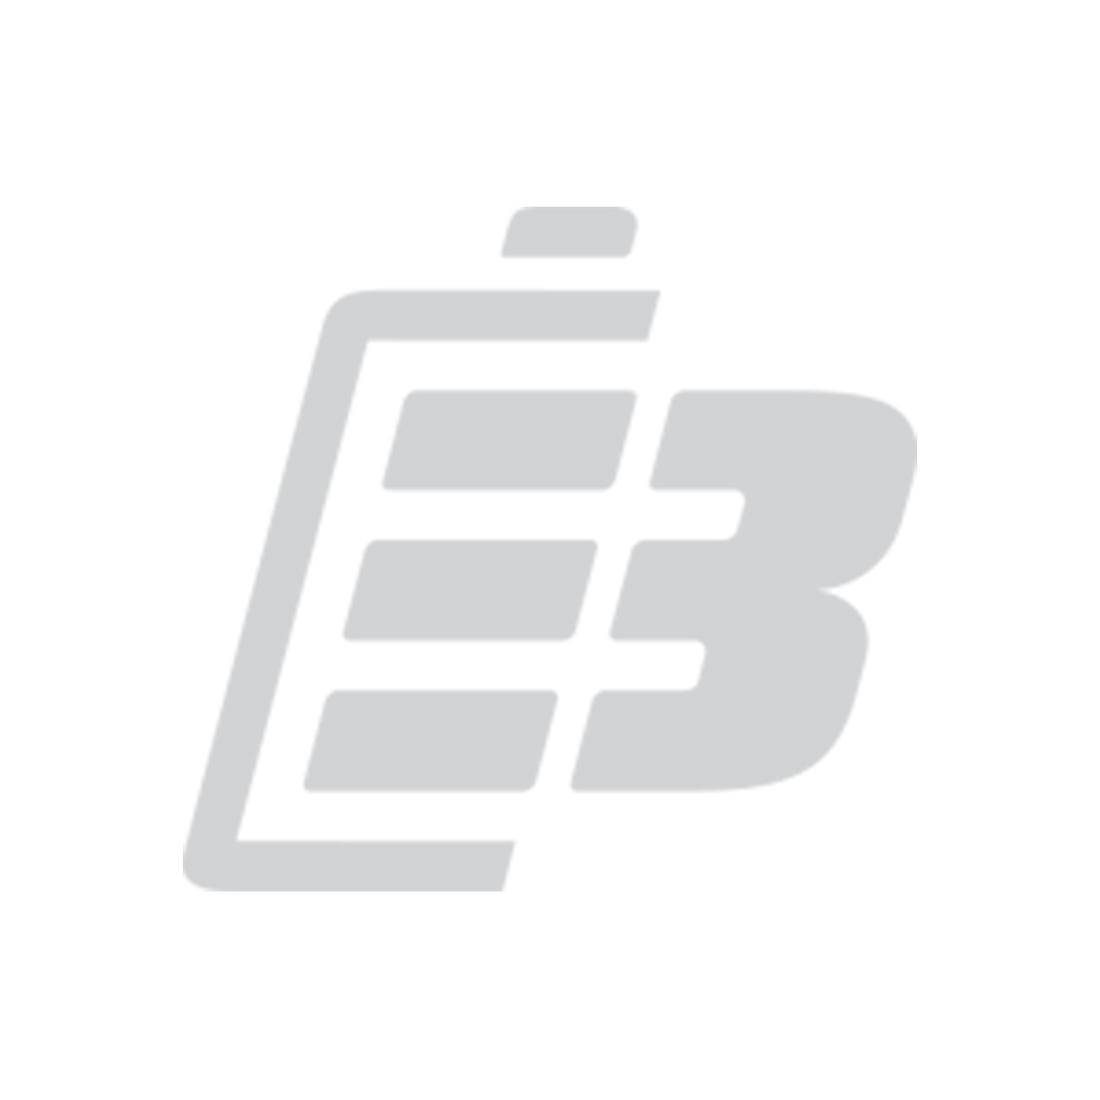 Μπαταρία κινητού τηλεφώνου LG KF510_1